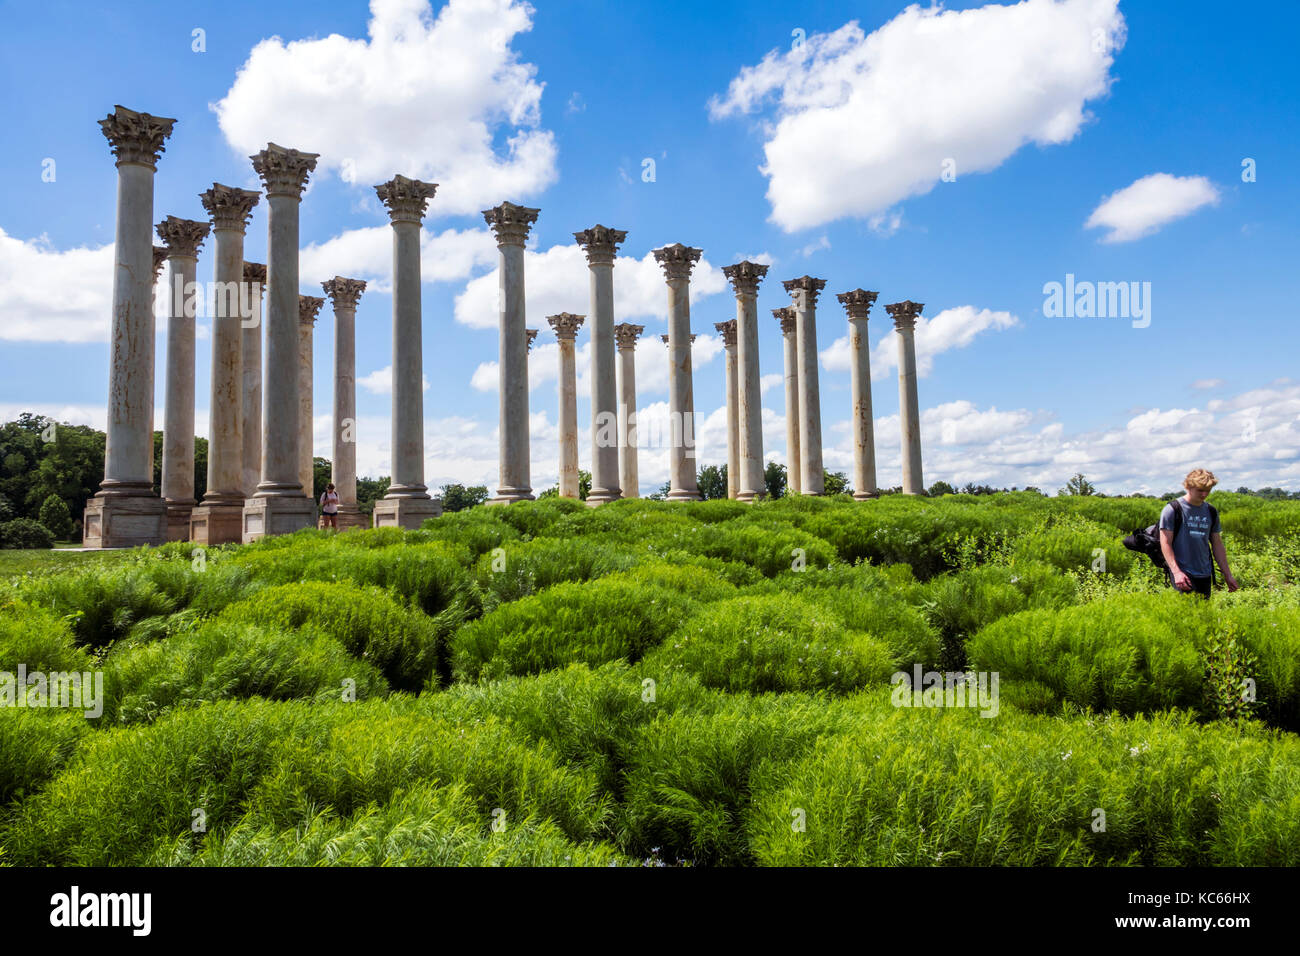 Arboretum Columns Dc Stock Photos Arboretum Columns Dc Stock Images Alamy